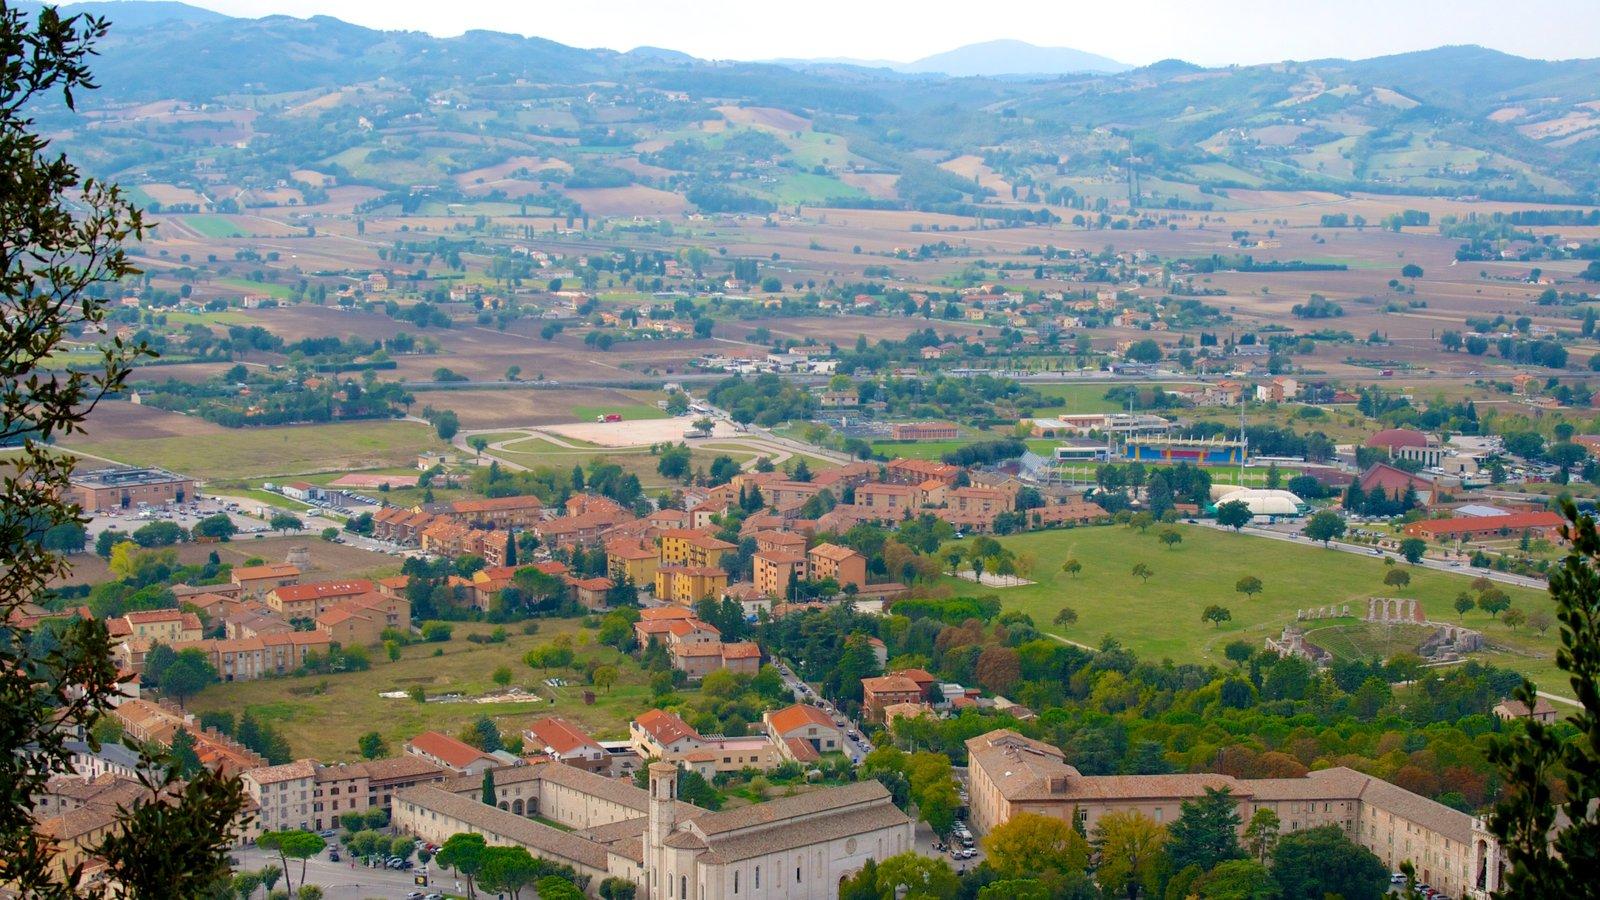 Gubbio mostrando una pequeña ciudad o pueblo